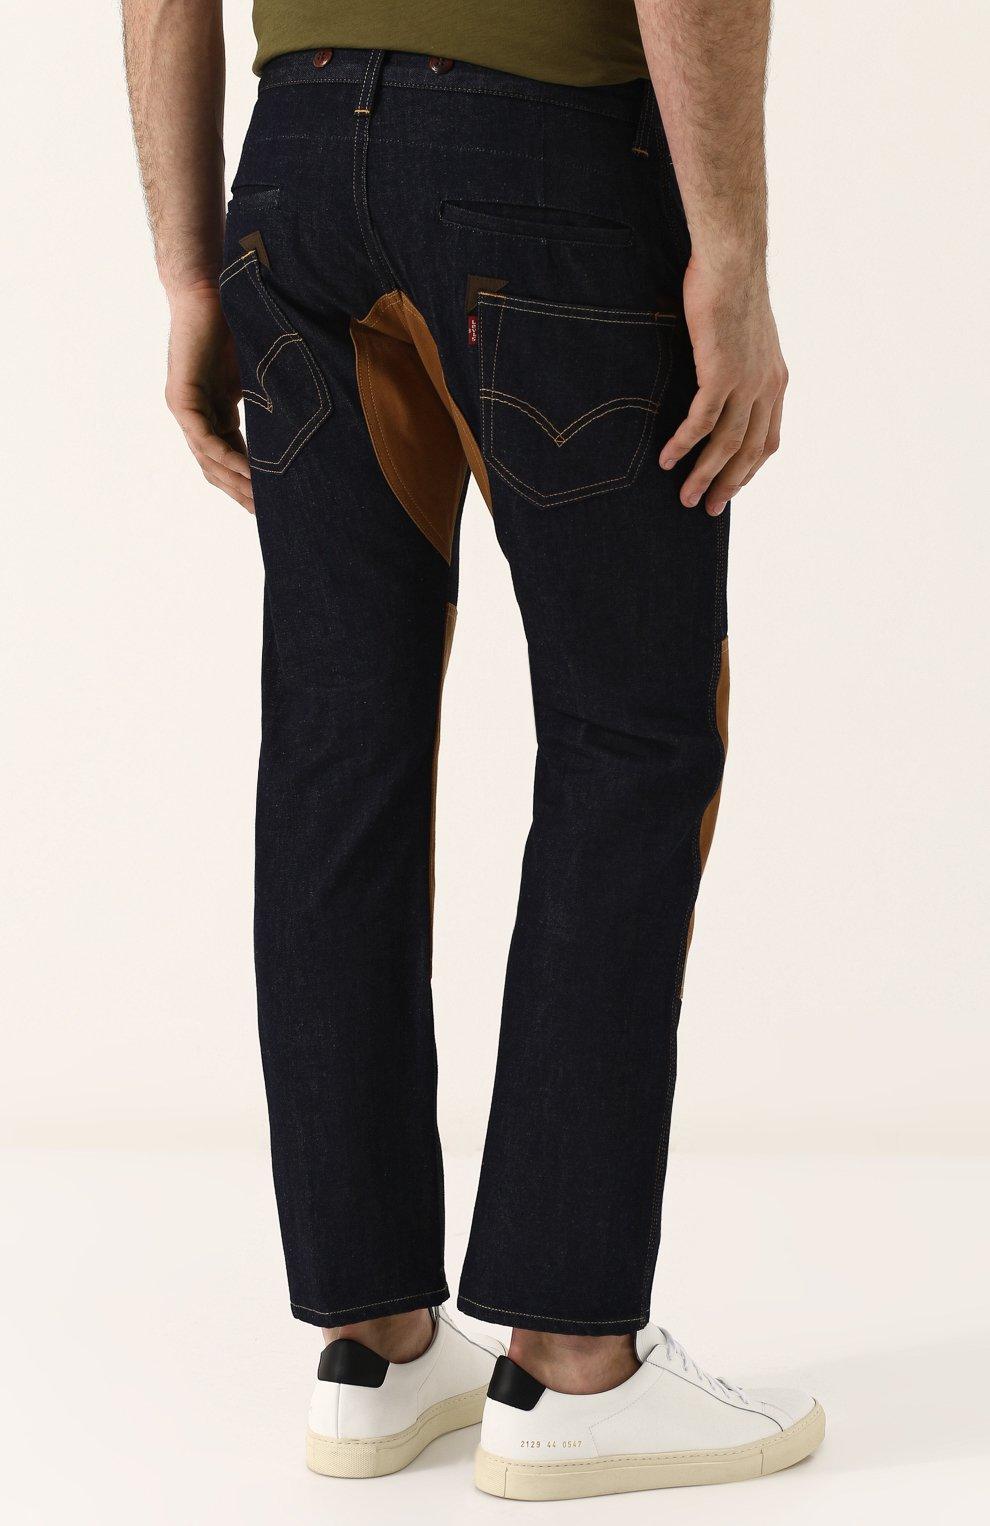 Мужские джинсы прямого кроя с отделкой junya watanabe x levi's JUNYA WATANABE синего цвета, арт. WA-P209-051 | Фото 4